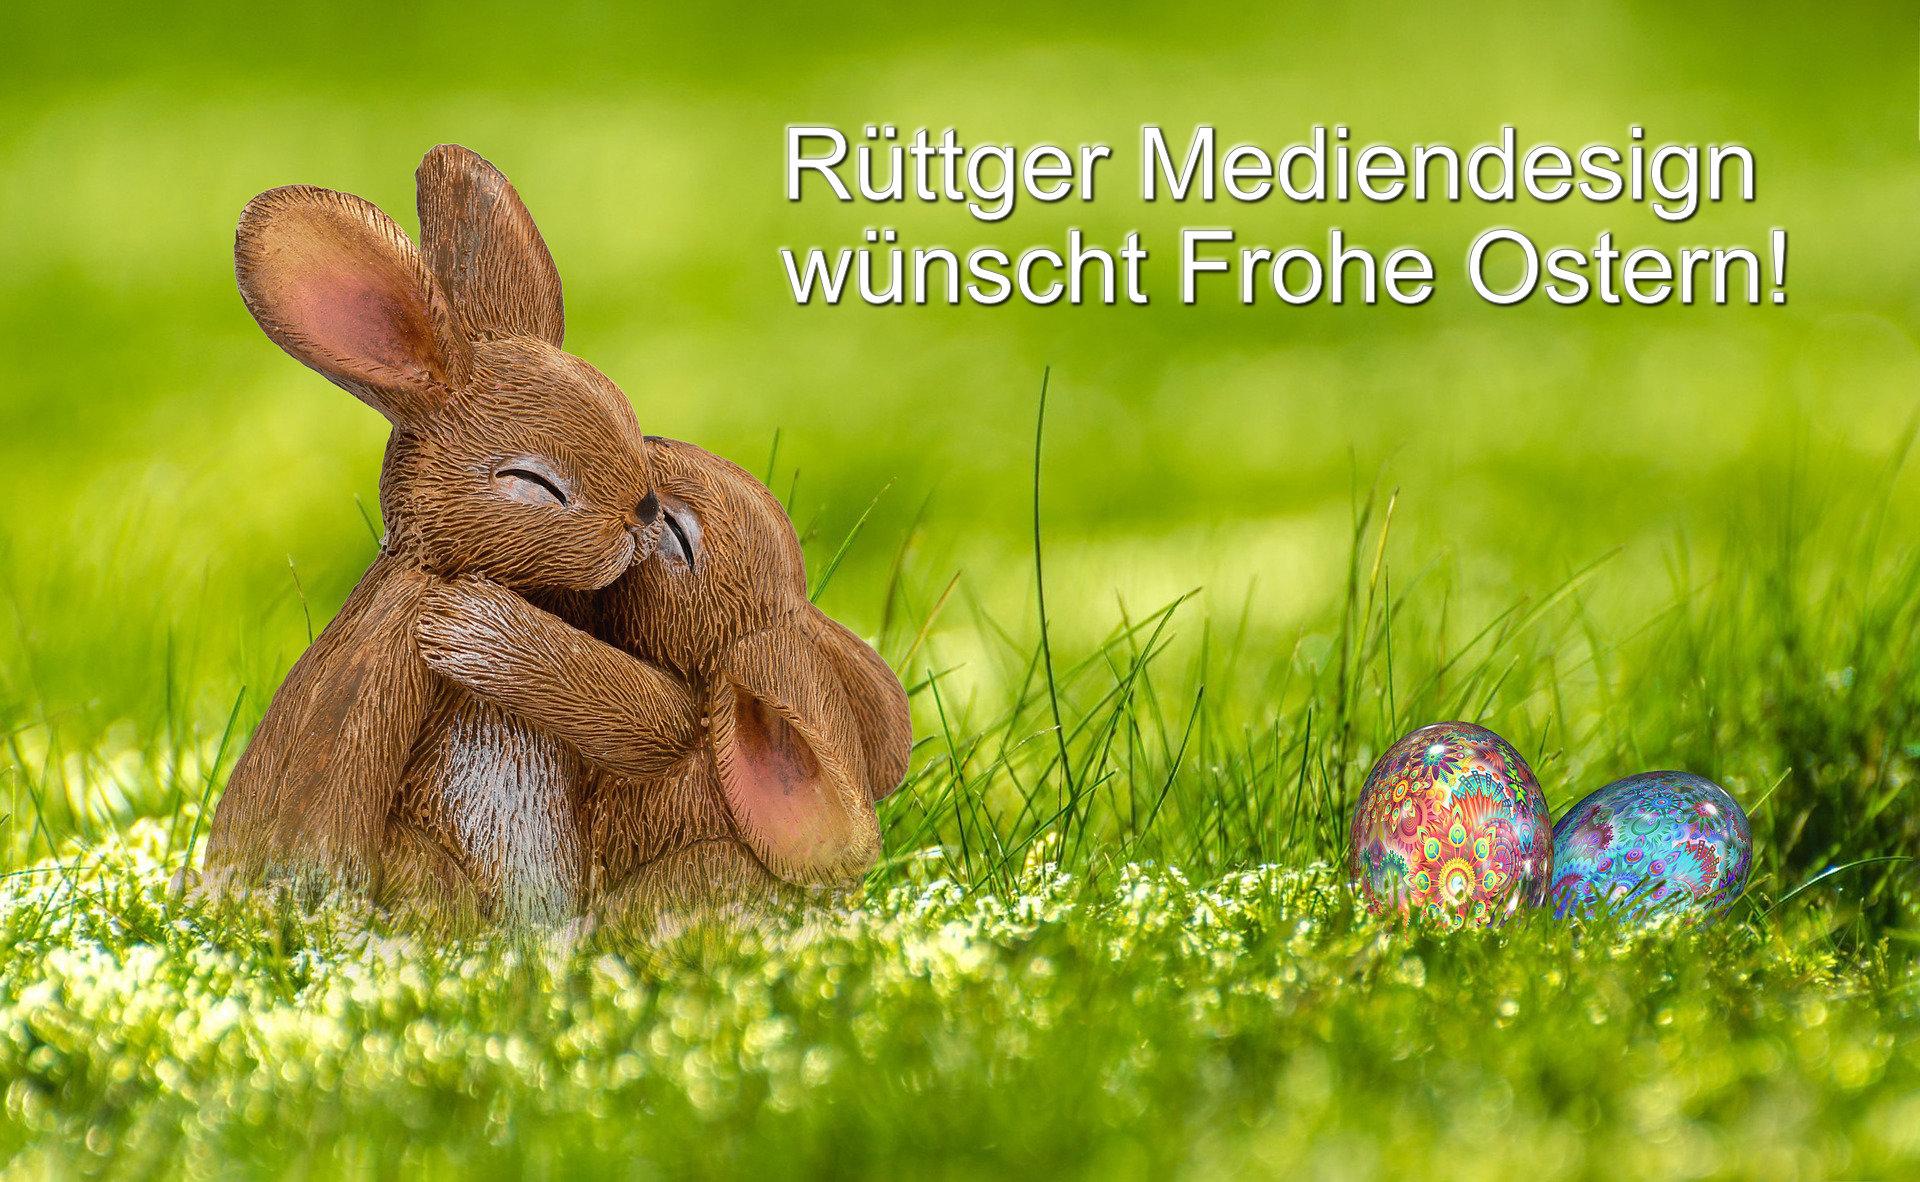 Rüttger Mediendesign wünscht frohe Ostern